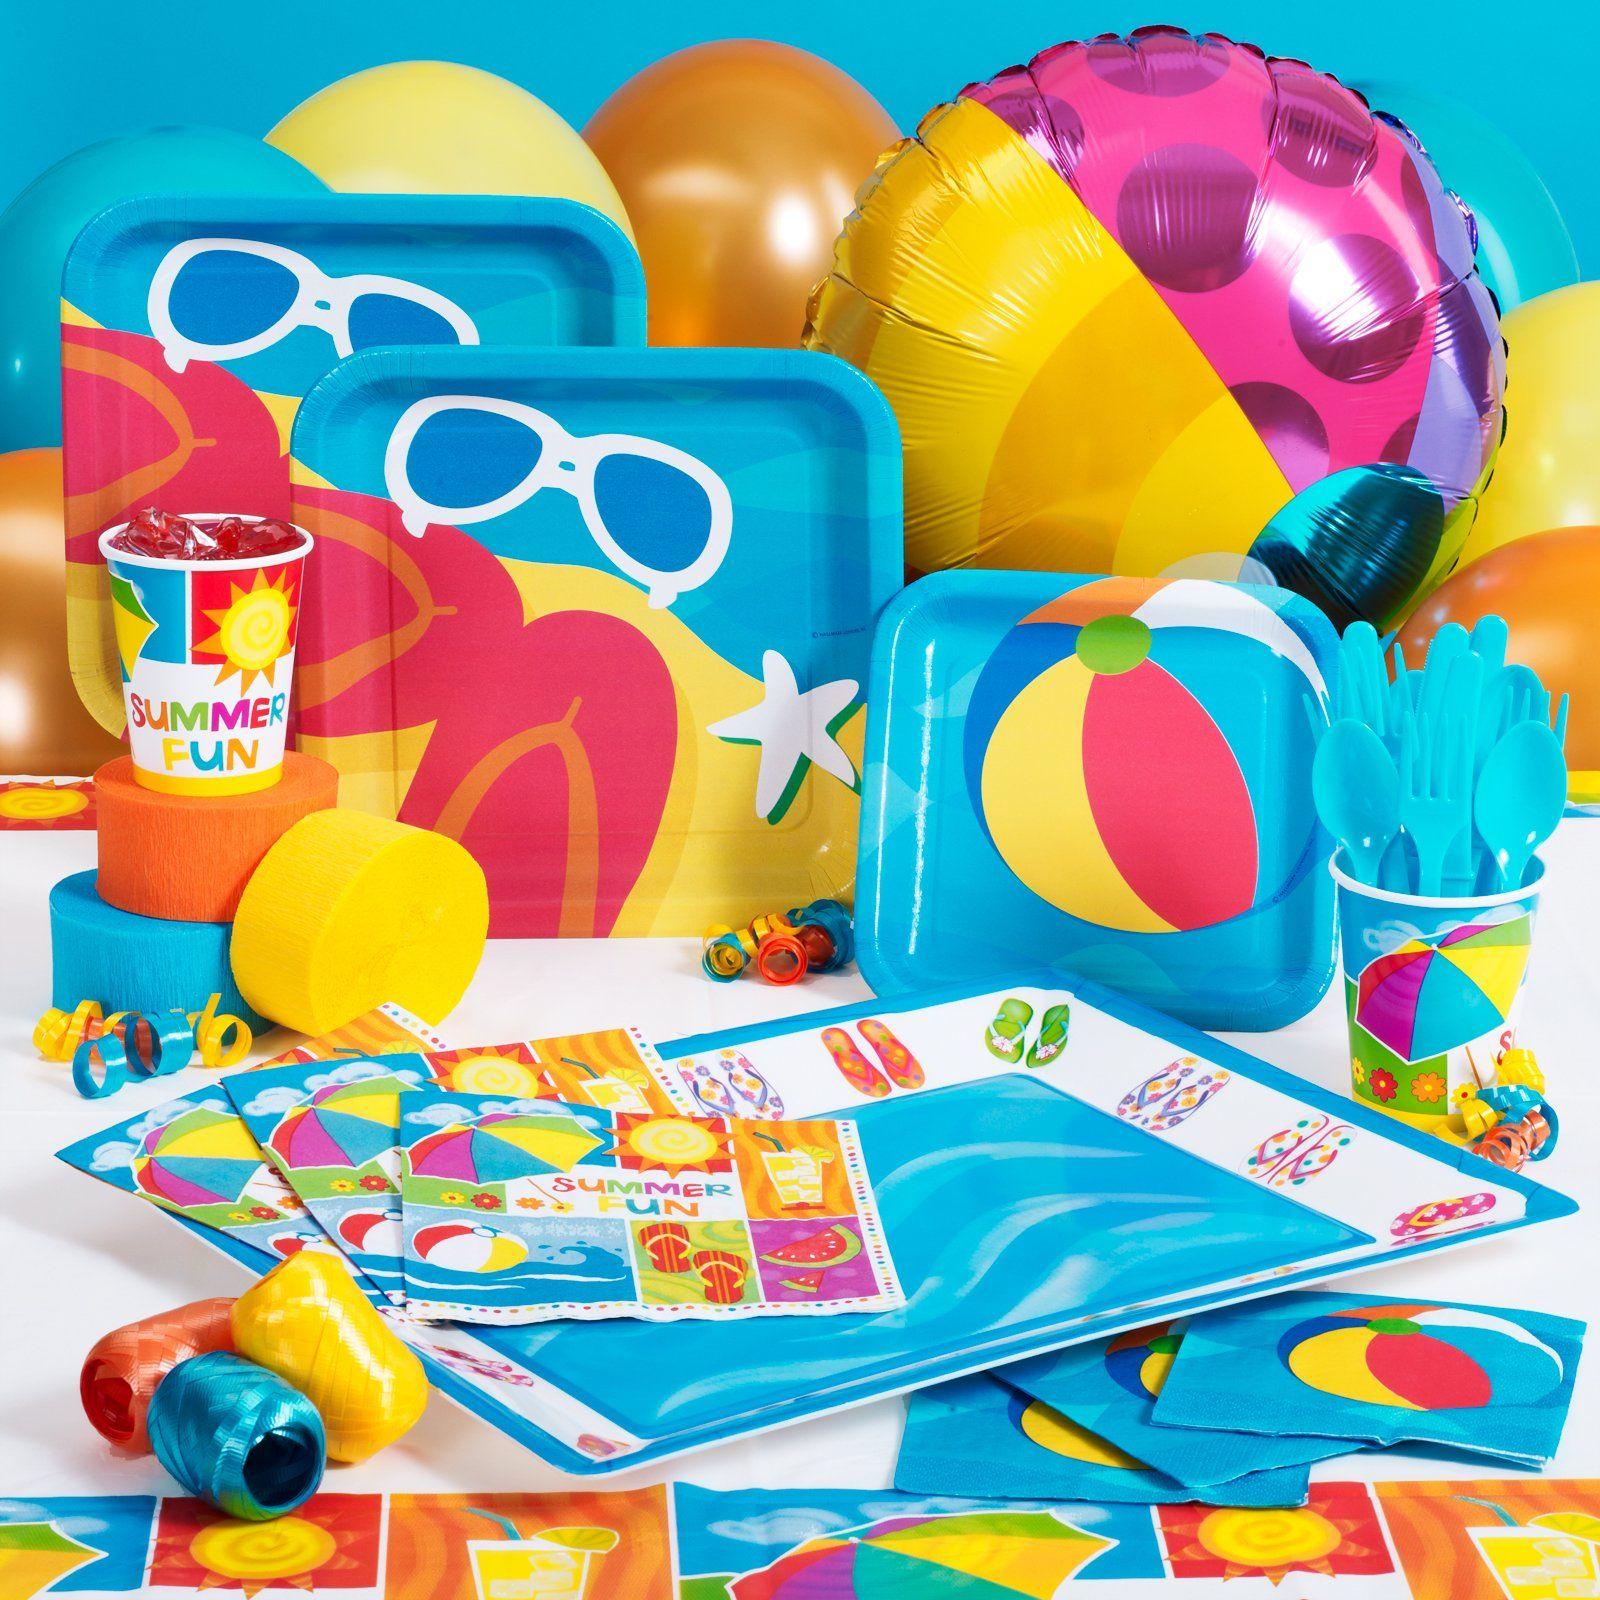 Boys' Birthday Themes In 2019